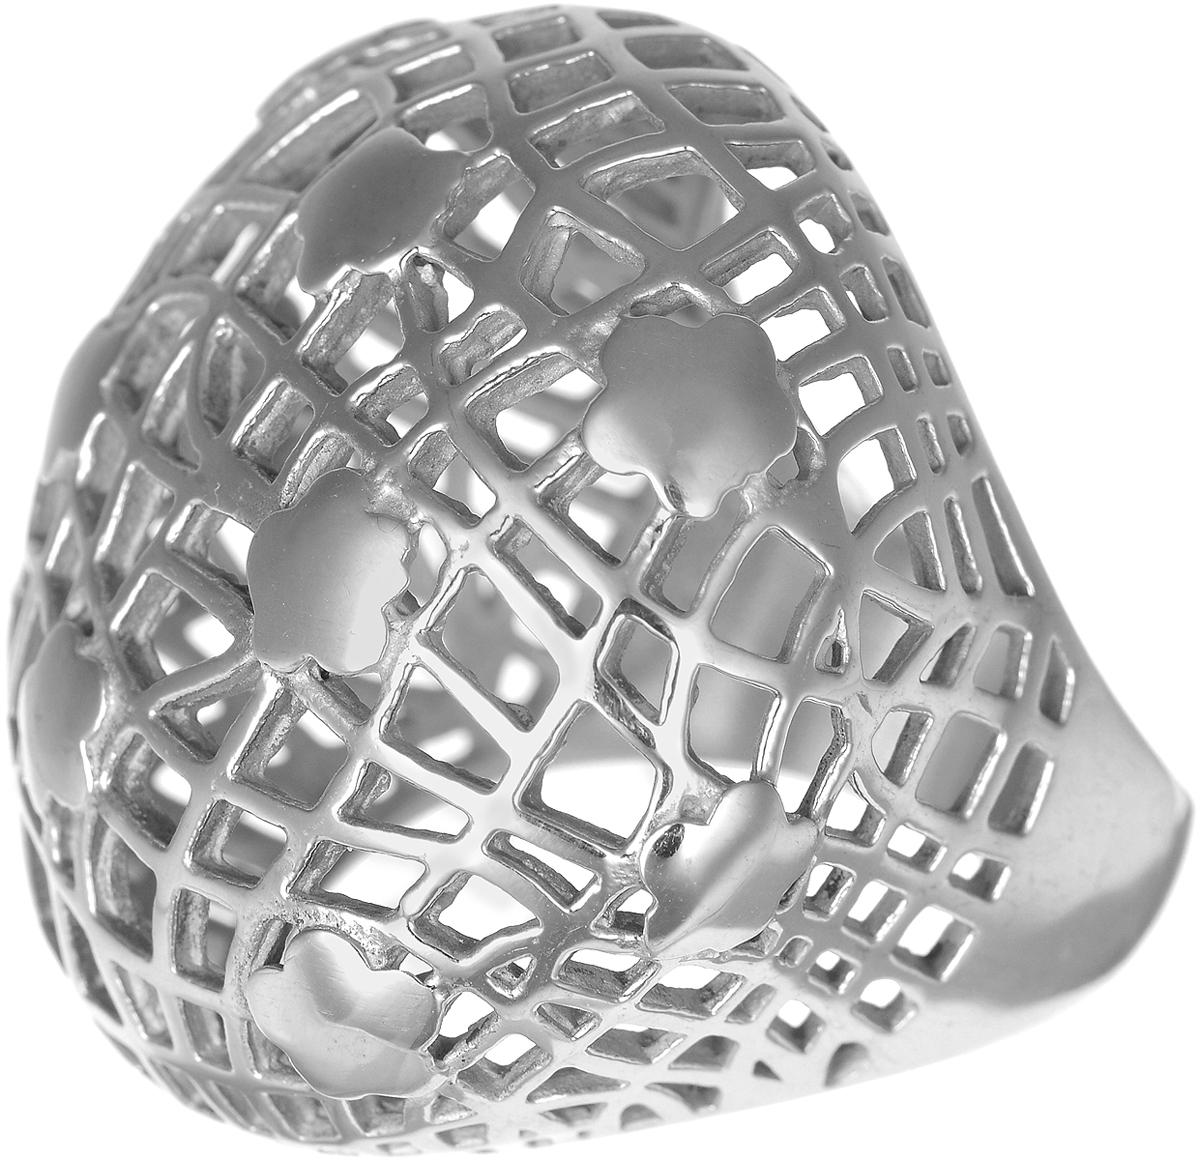 Кольцо Polina Selezneva, цвет: серебристый. DG-0001. Размер 18DG-0001Стильное кольцо Polina Selezneva изготовлено из качественного металлического сплава и выполнено в оригинальном дизайне. Массивное кольцо оформлено резным узором.